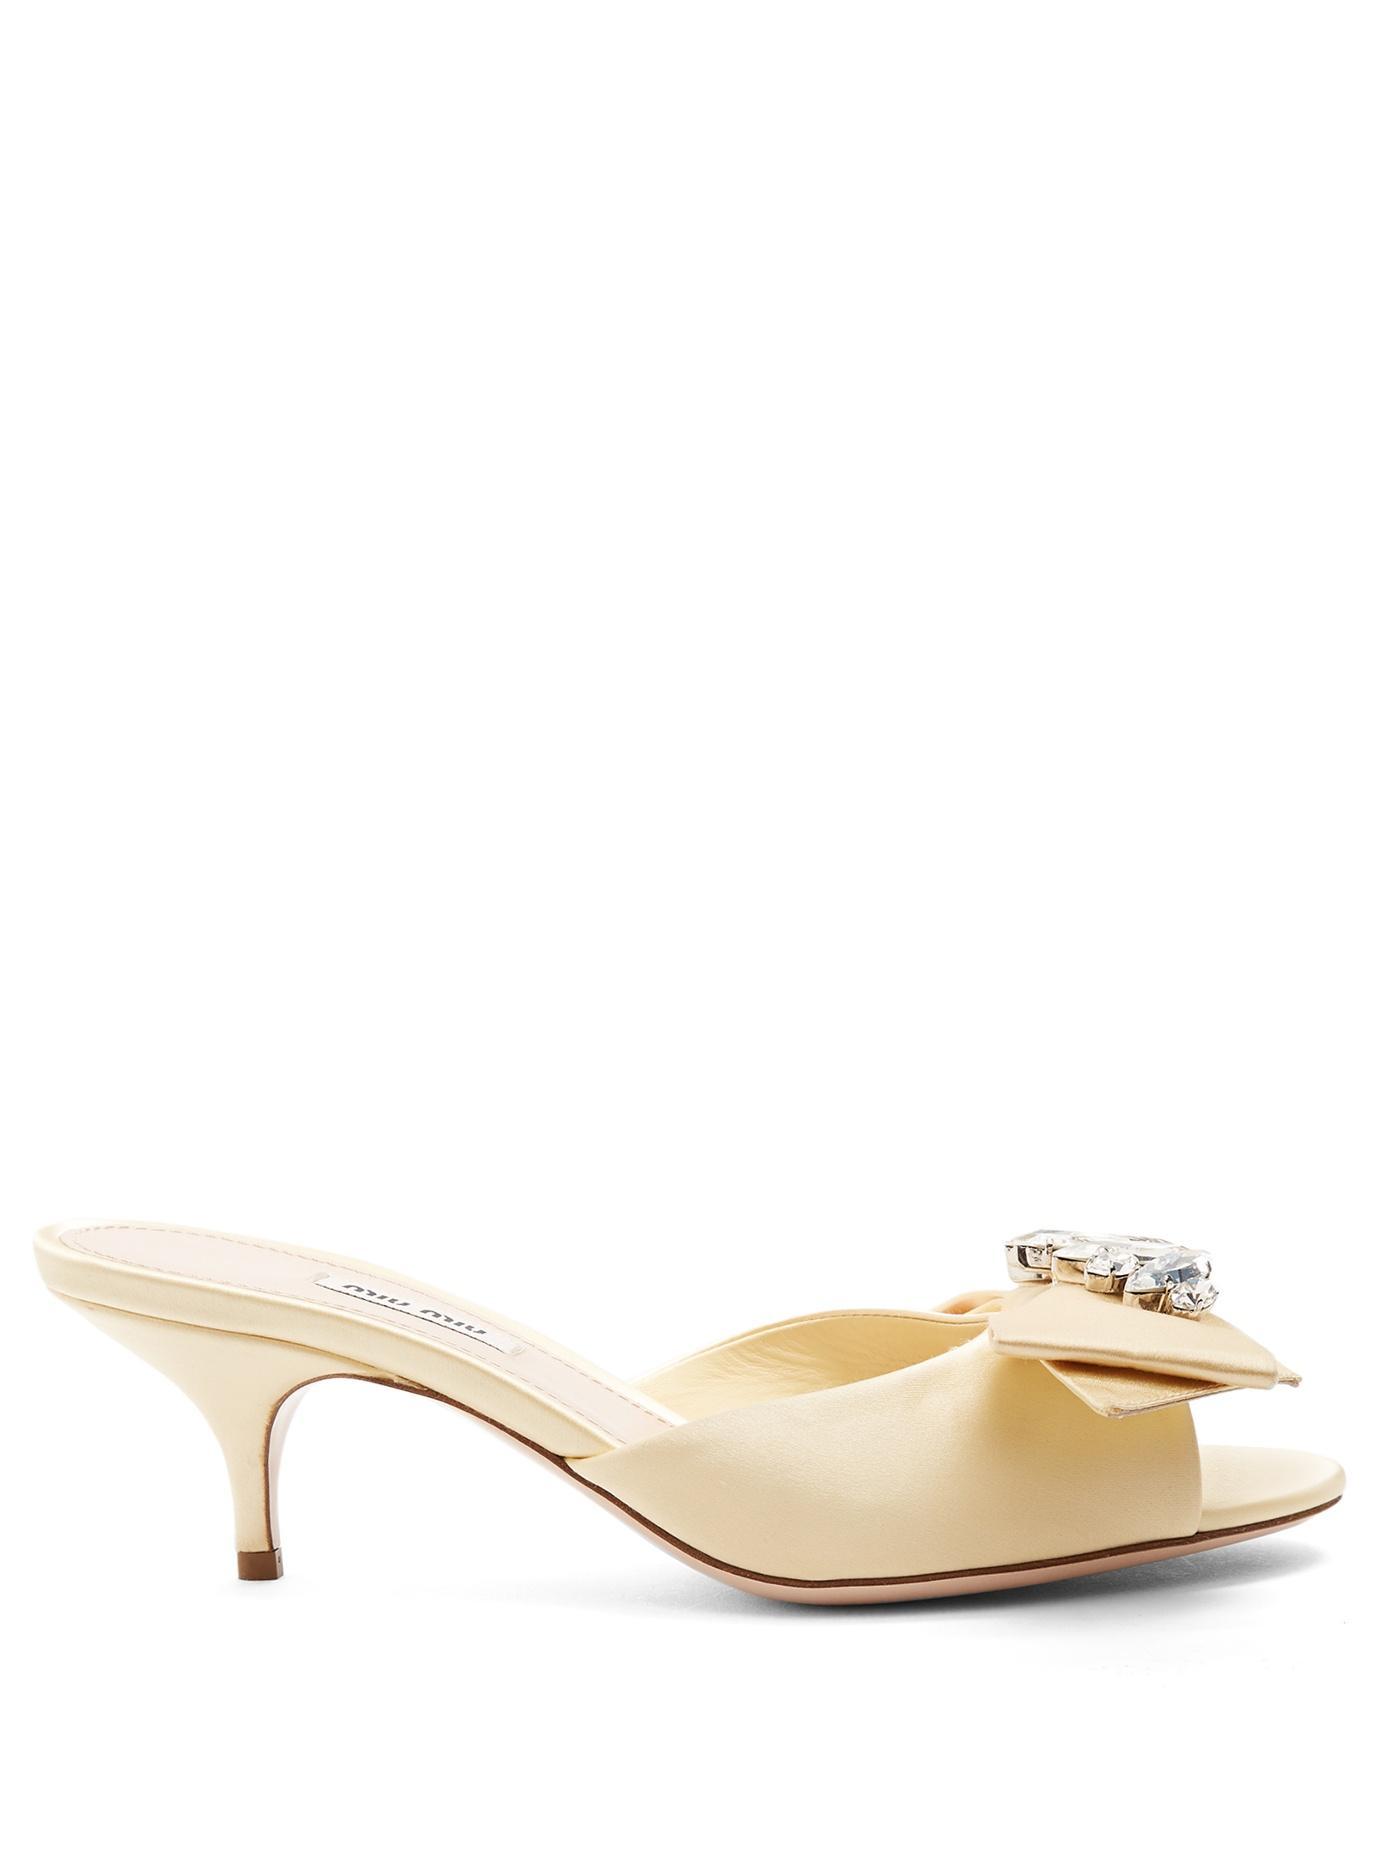 Miu Miu Embellished-Bow Satin Sandals In Yellow